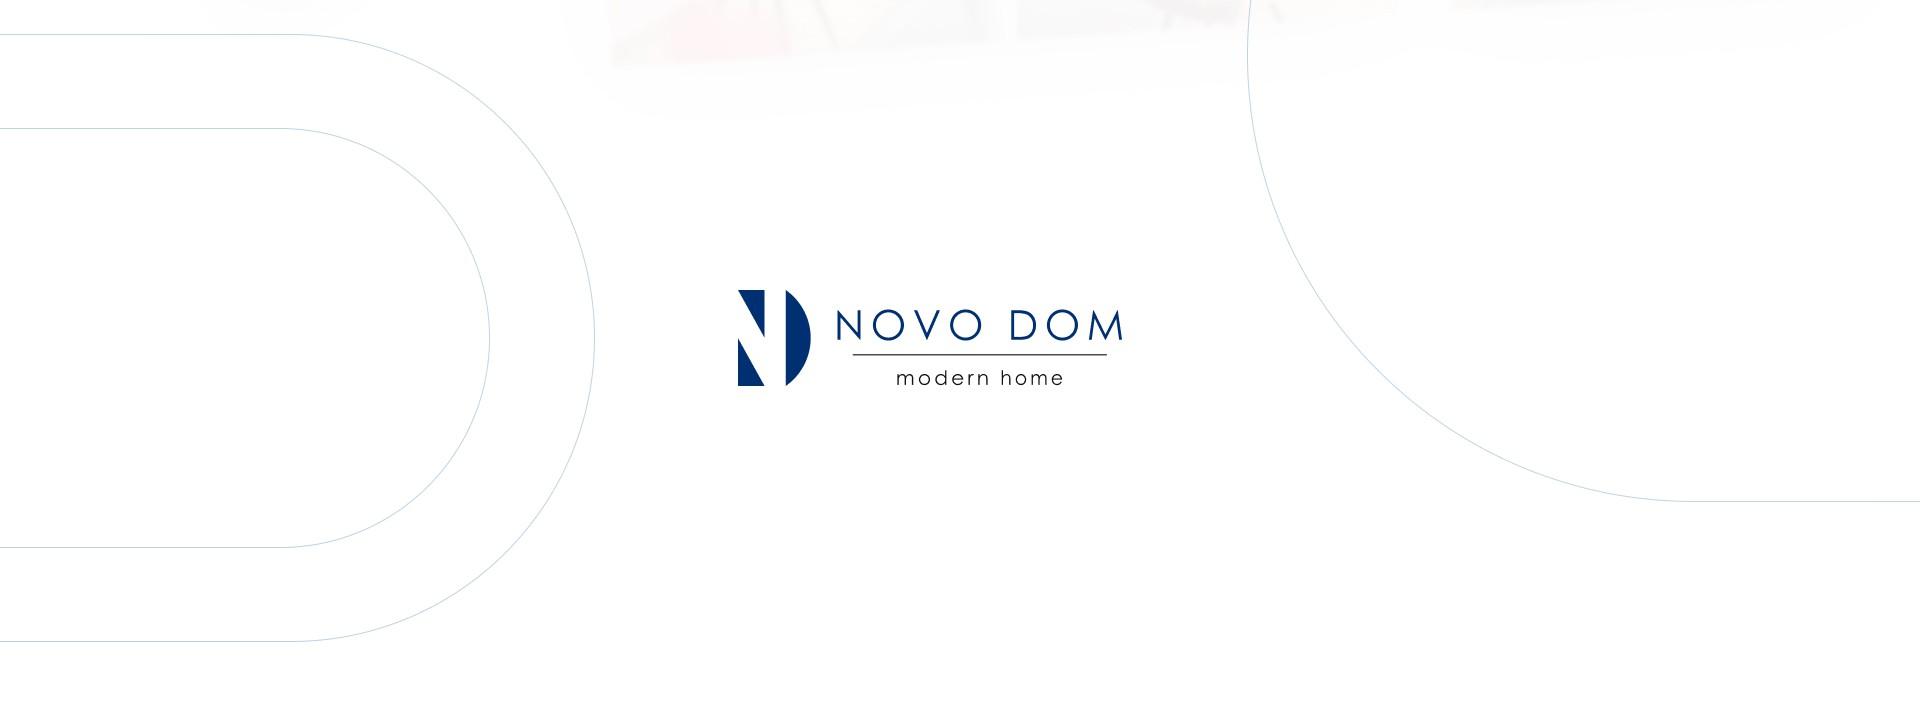 Novodom - Realizacja - Agencja ROXART